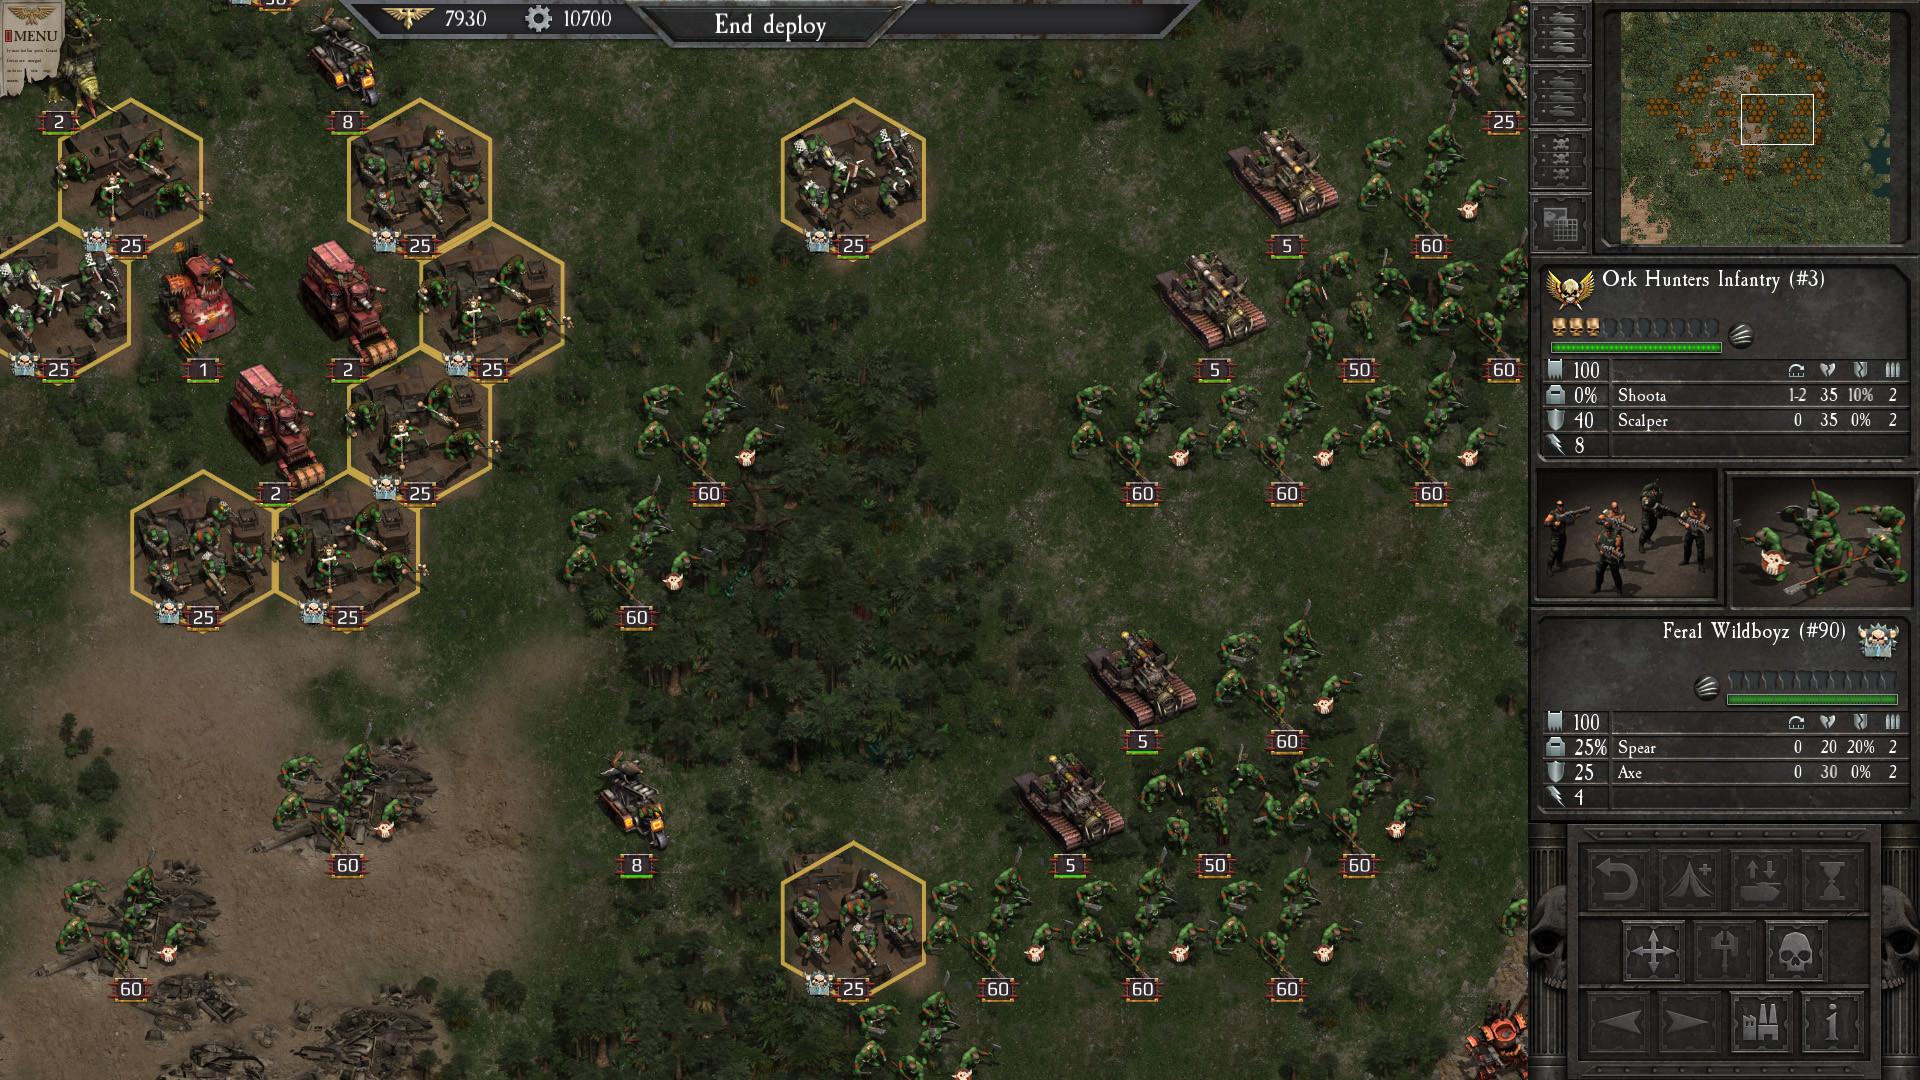 It's Ork season: Ork Hunter expansion added to Warhammer 40K: Armageddon |  Pocket Tactics